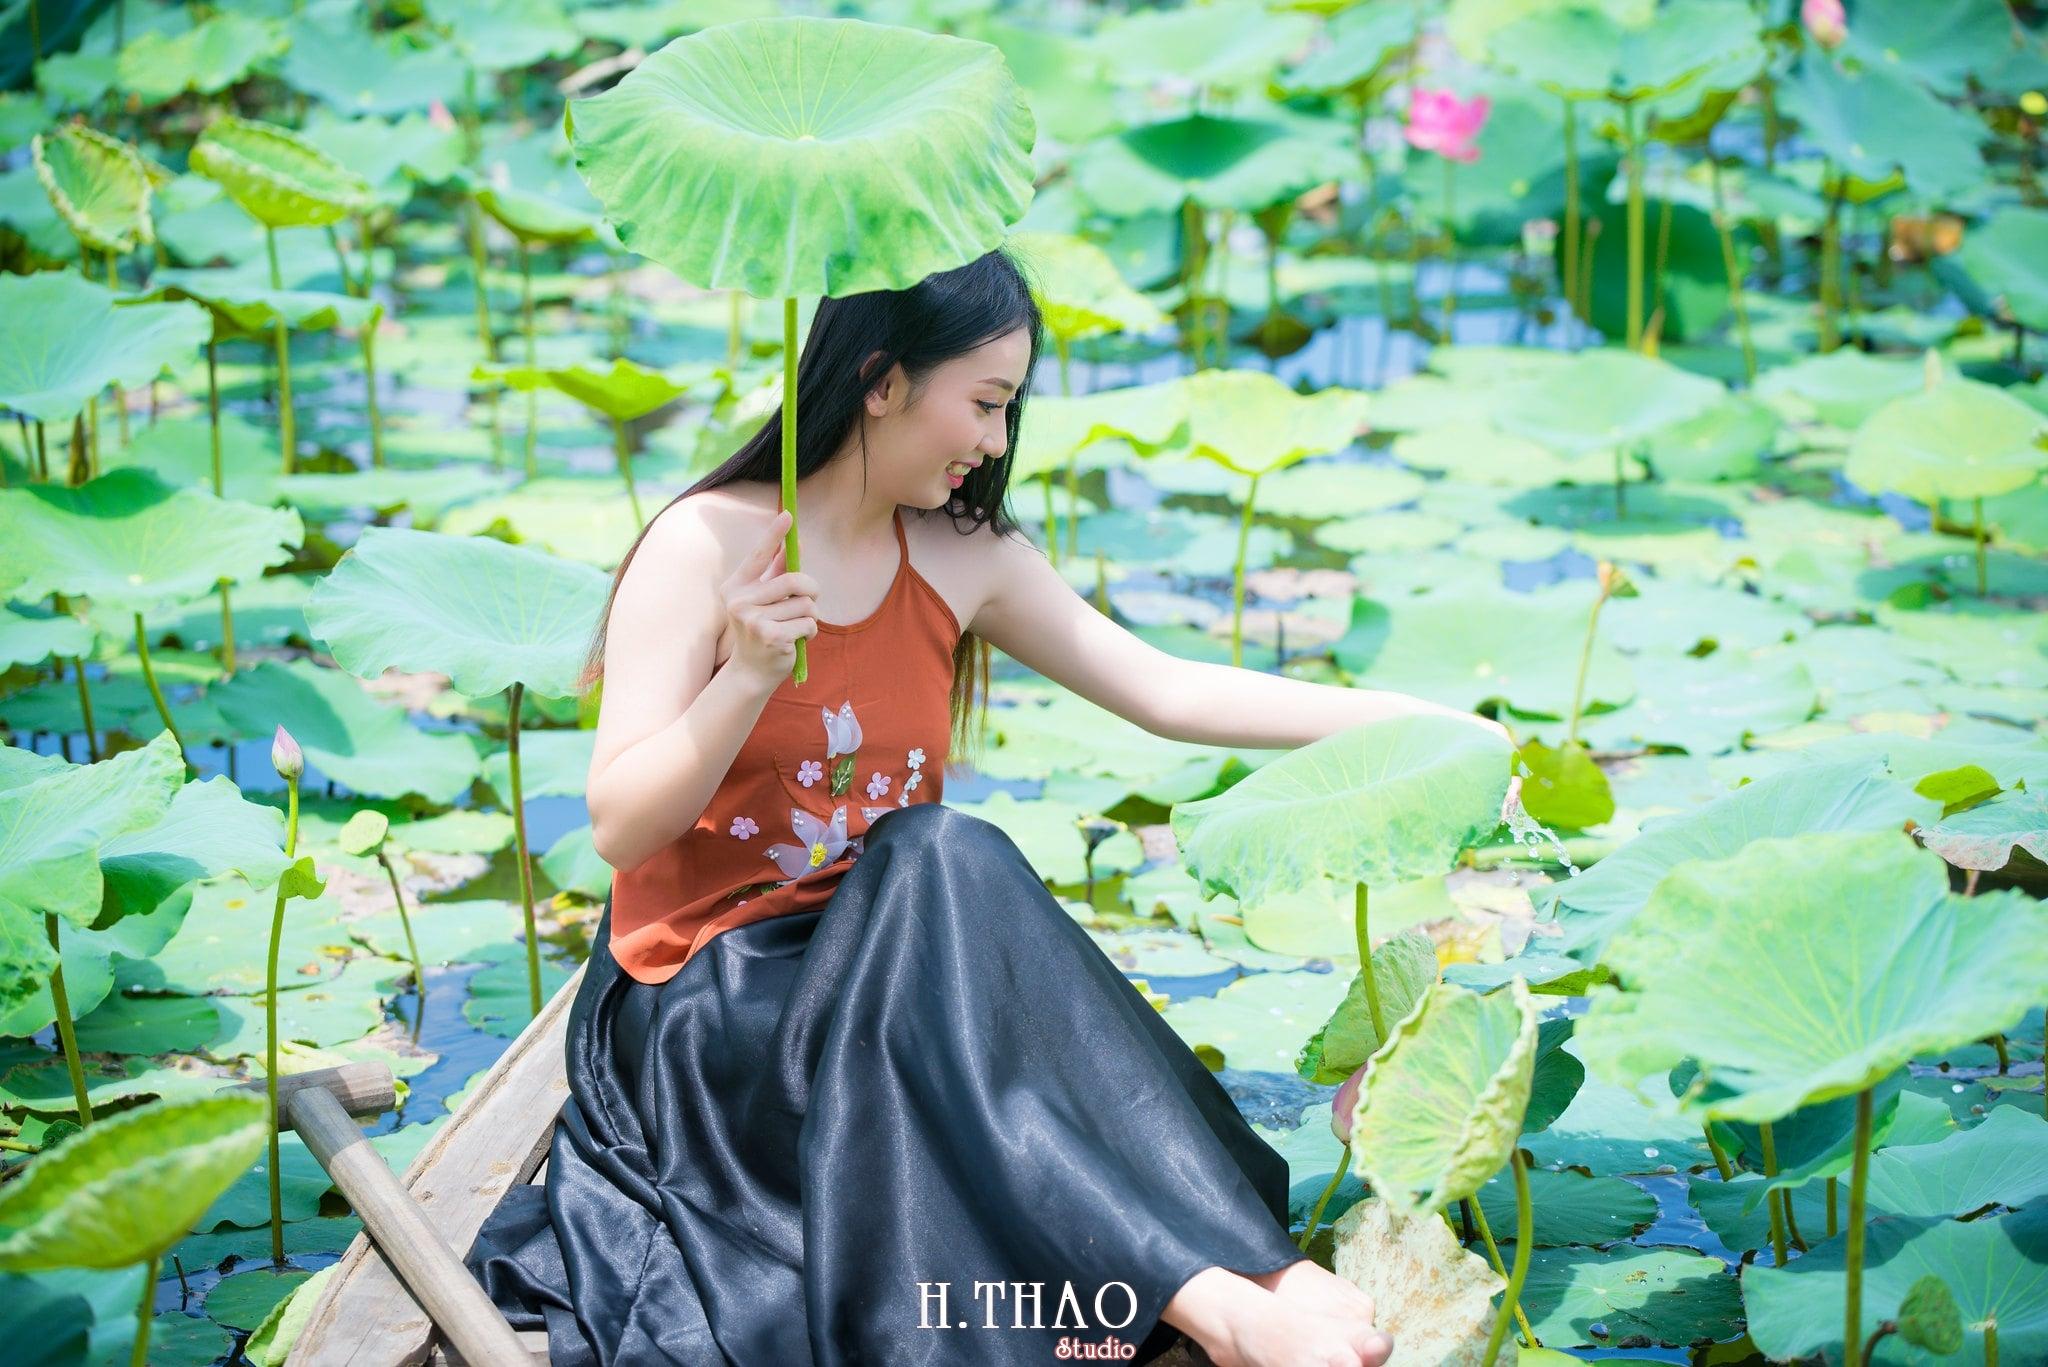 ao yem hoa sen 13 - Album ảnh chụp áo yếm với hoa sen đẹp dịu dàng - HThao Studio